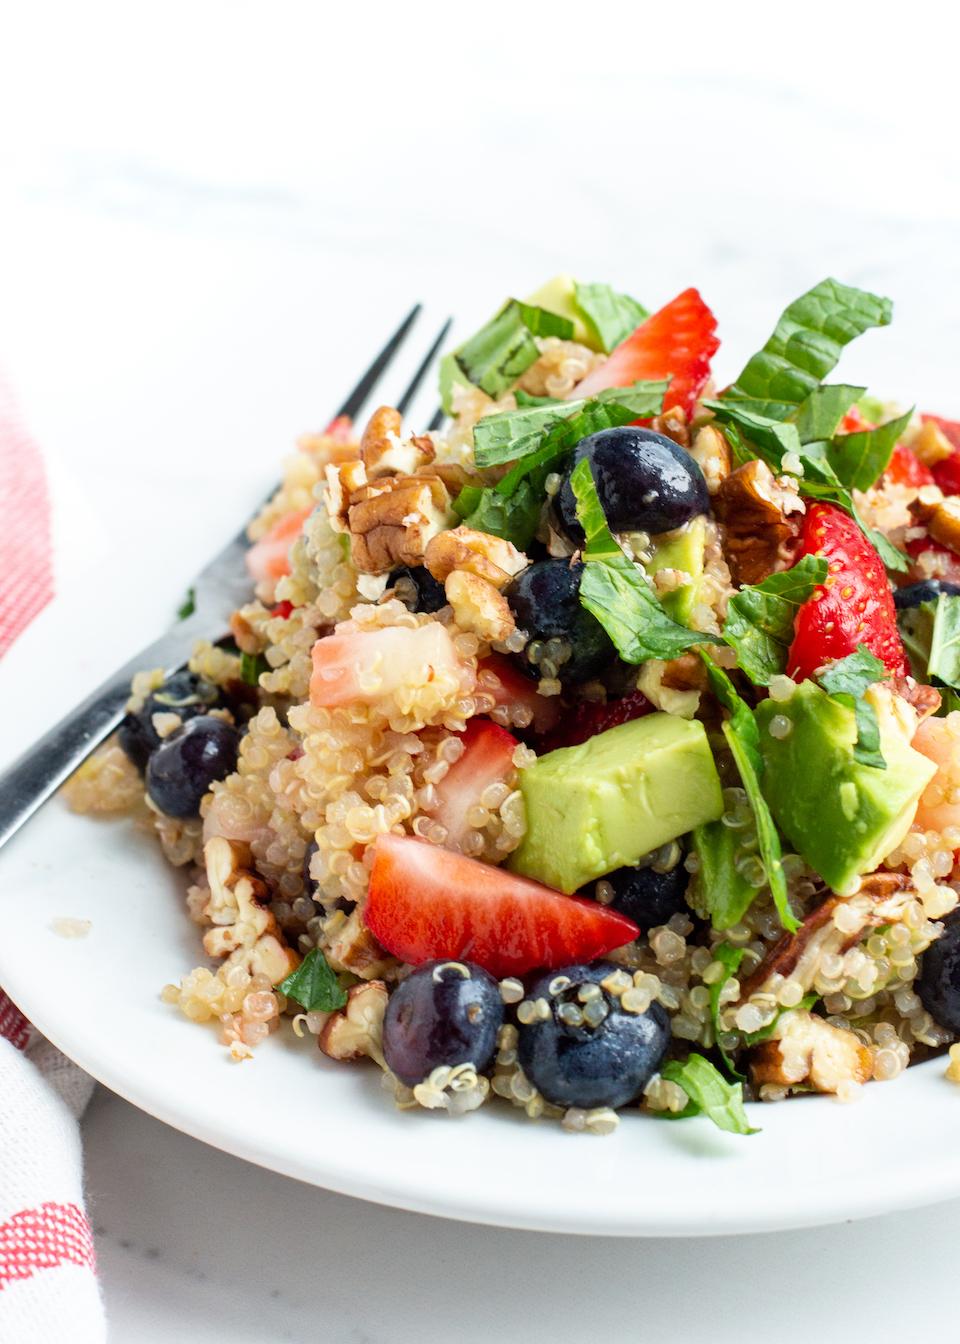 Summery Mixed Berry Quinoa Salad with Avocado